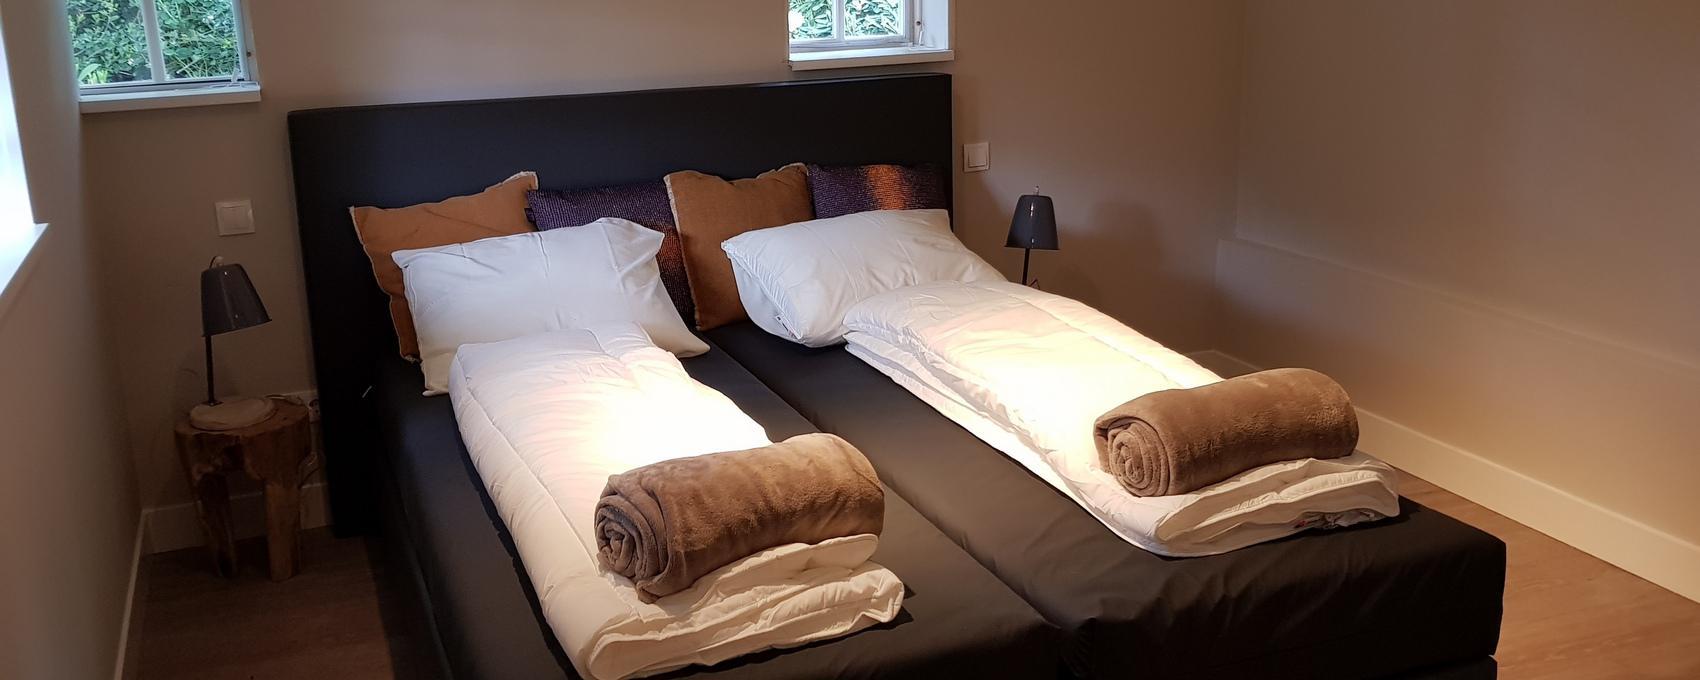 slaapkamer familiehuis